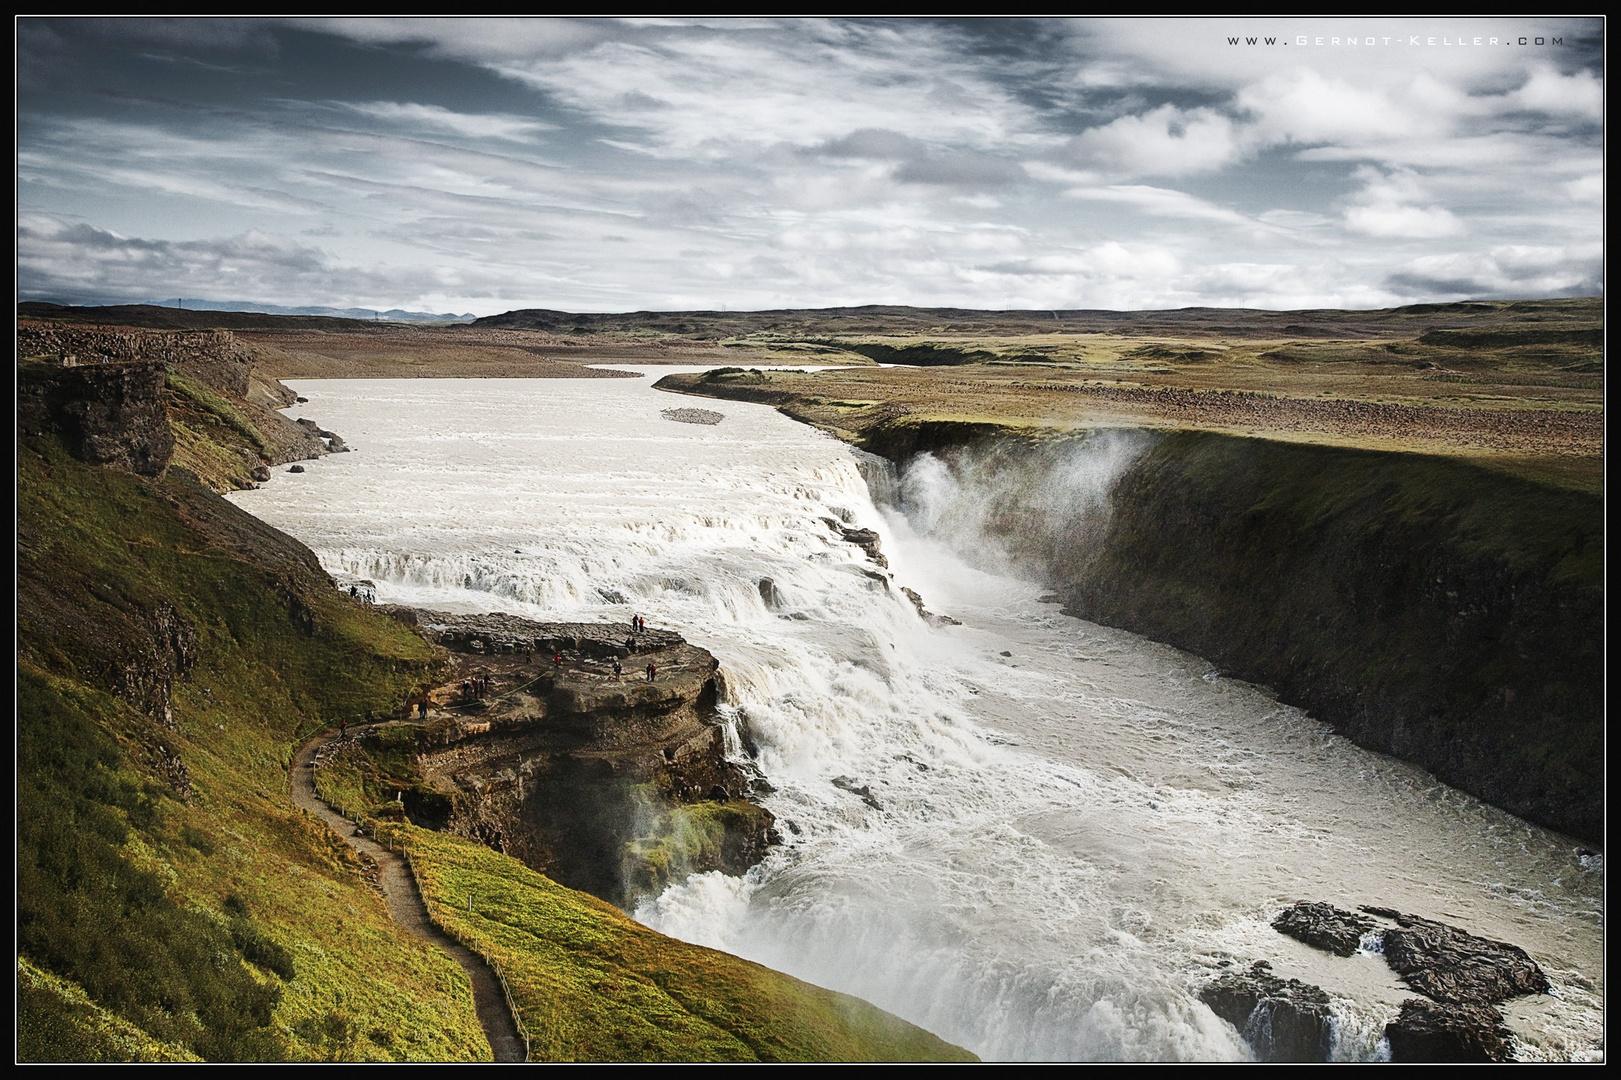 00513 - Iceland, Gullfoss